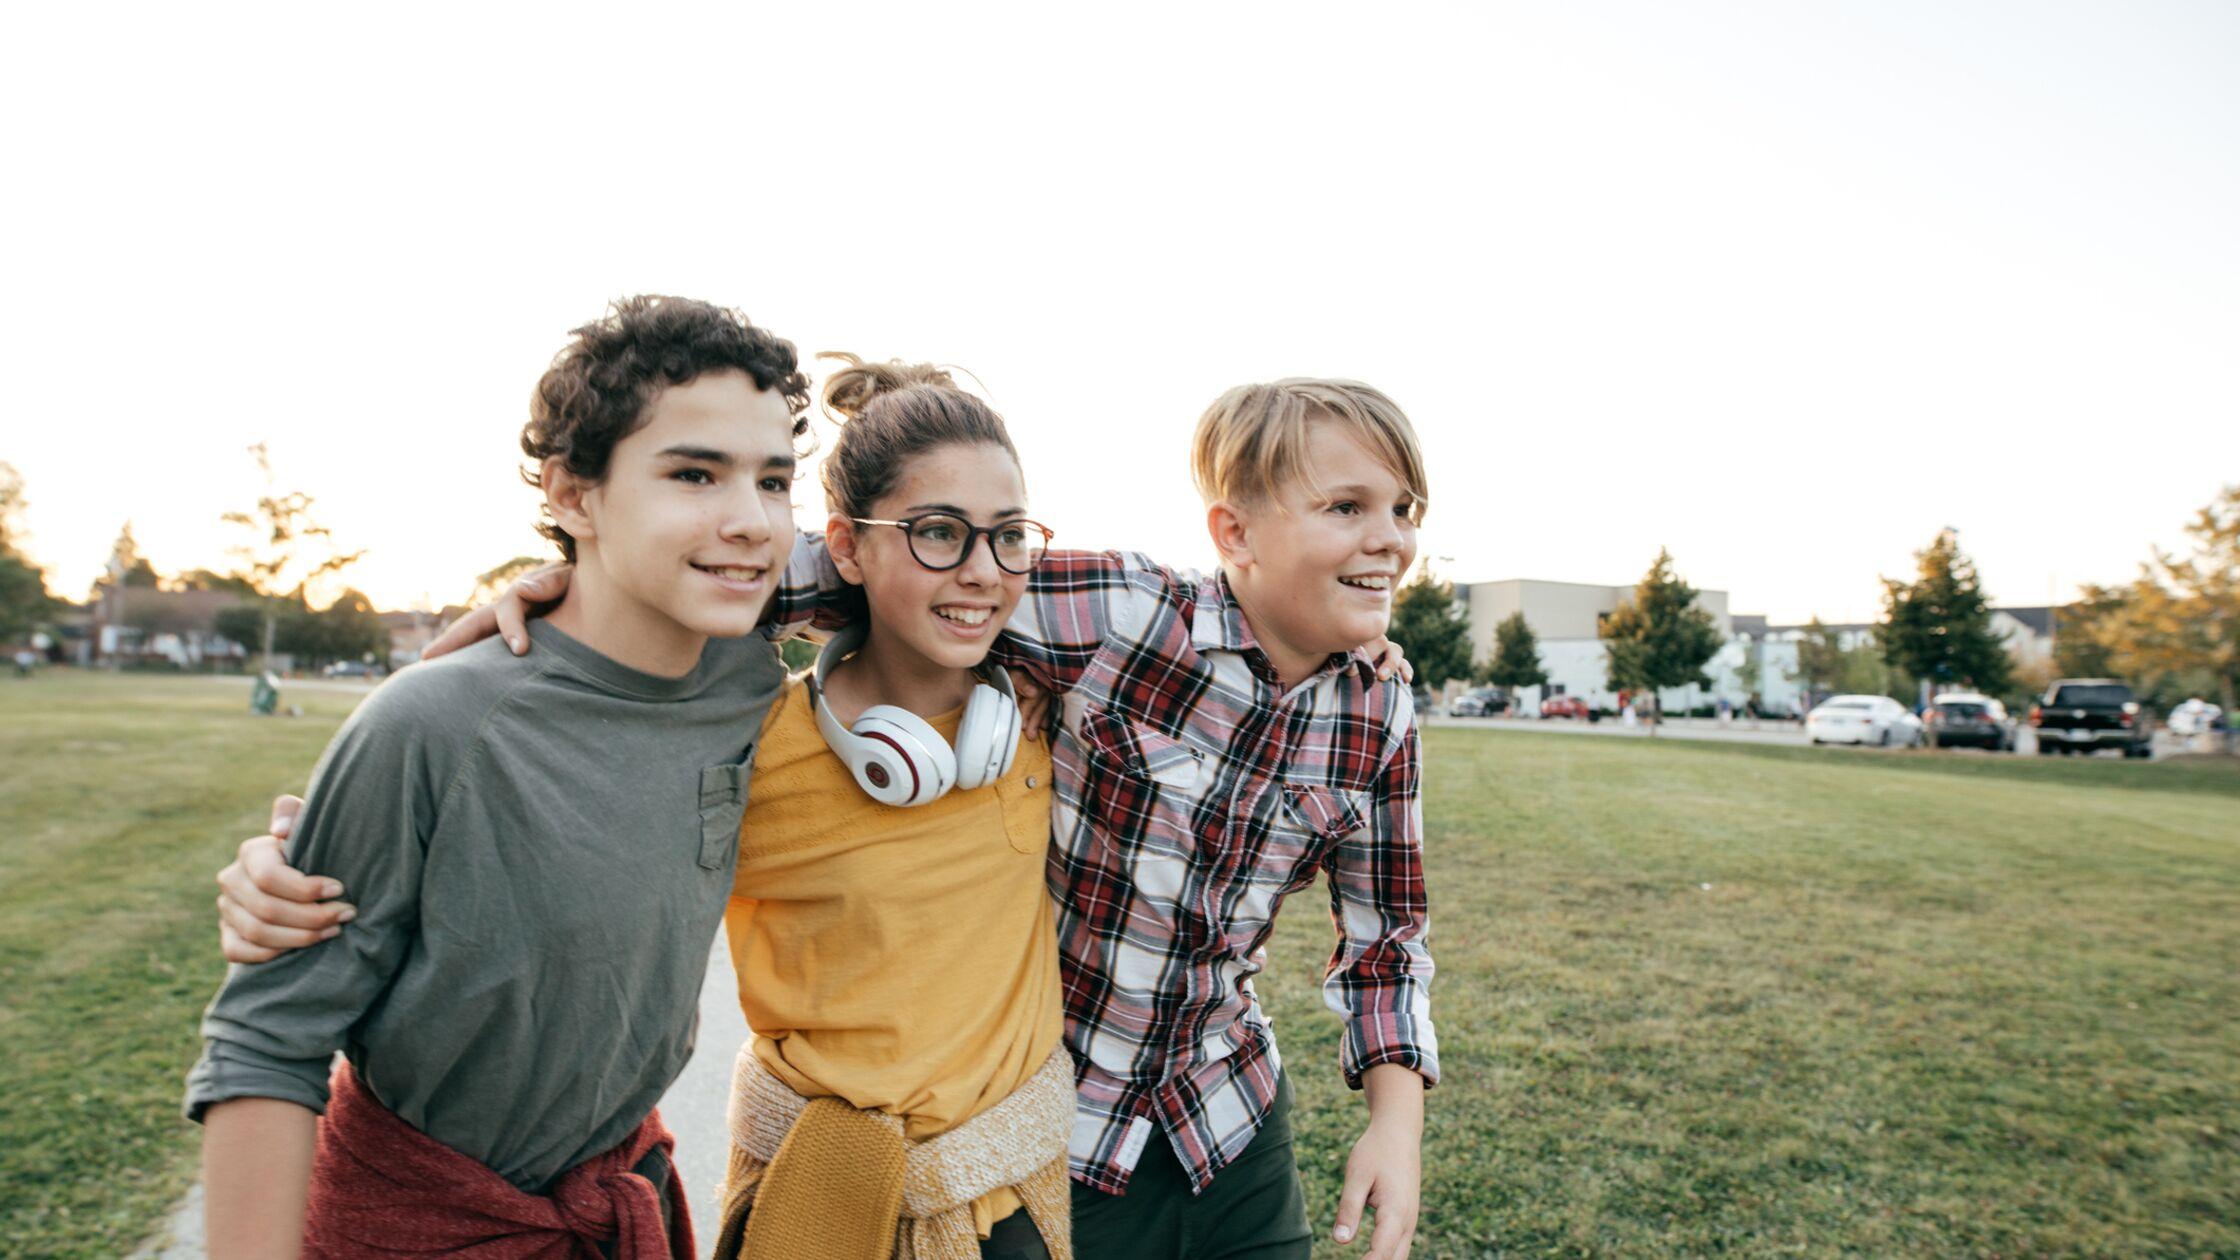 Drei Teenager verbringen Freizeit im Park